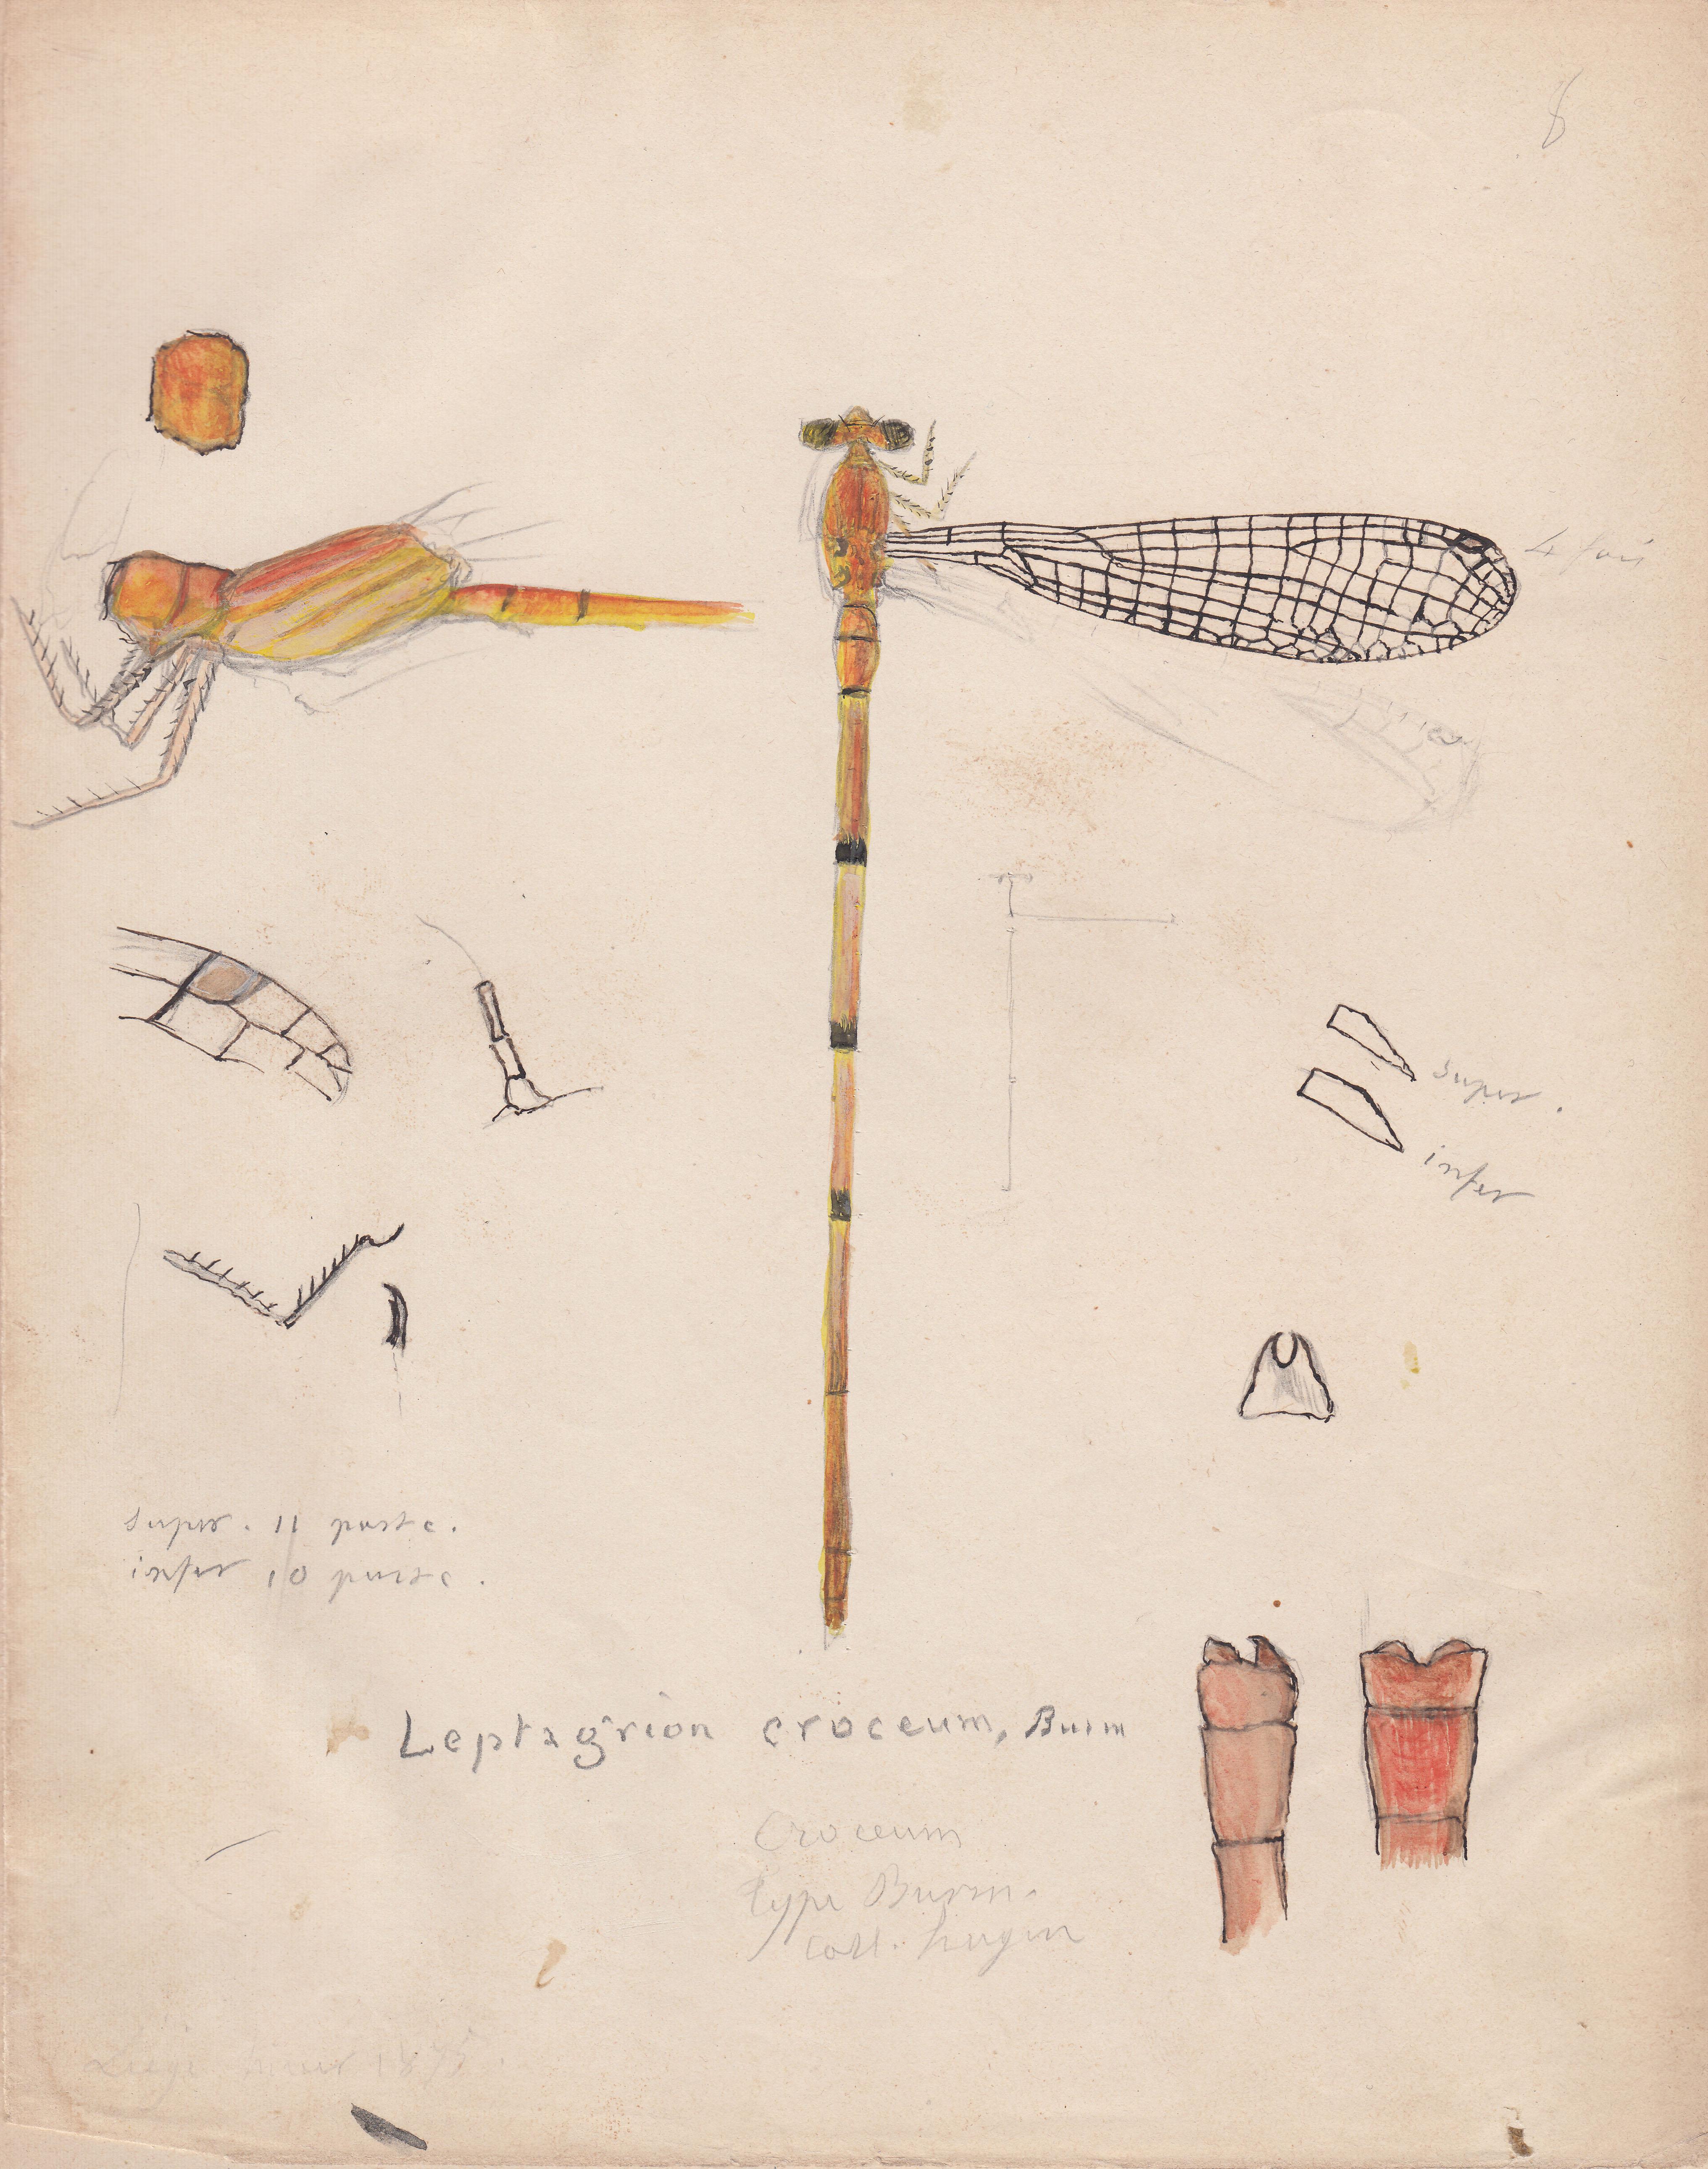 Leptagrion croceum.jpg